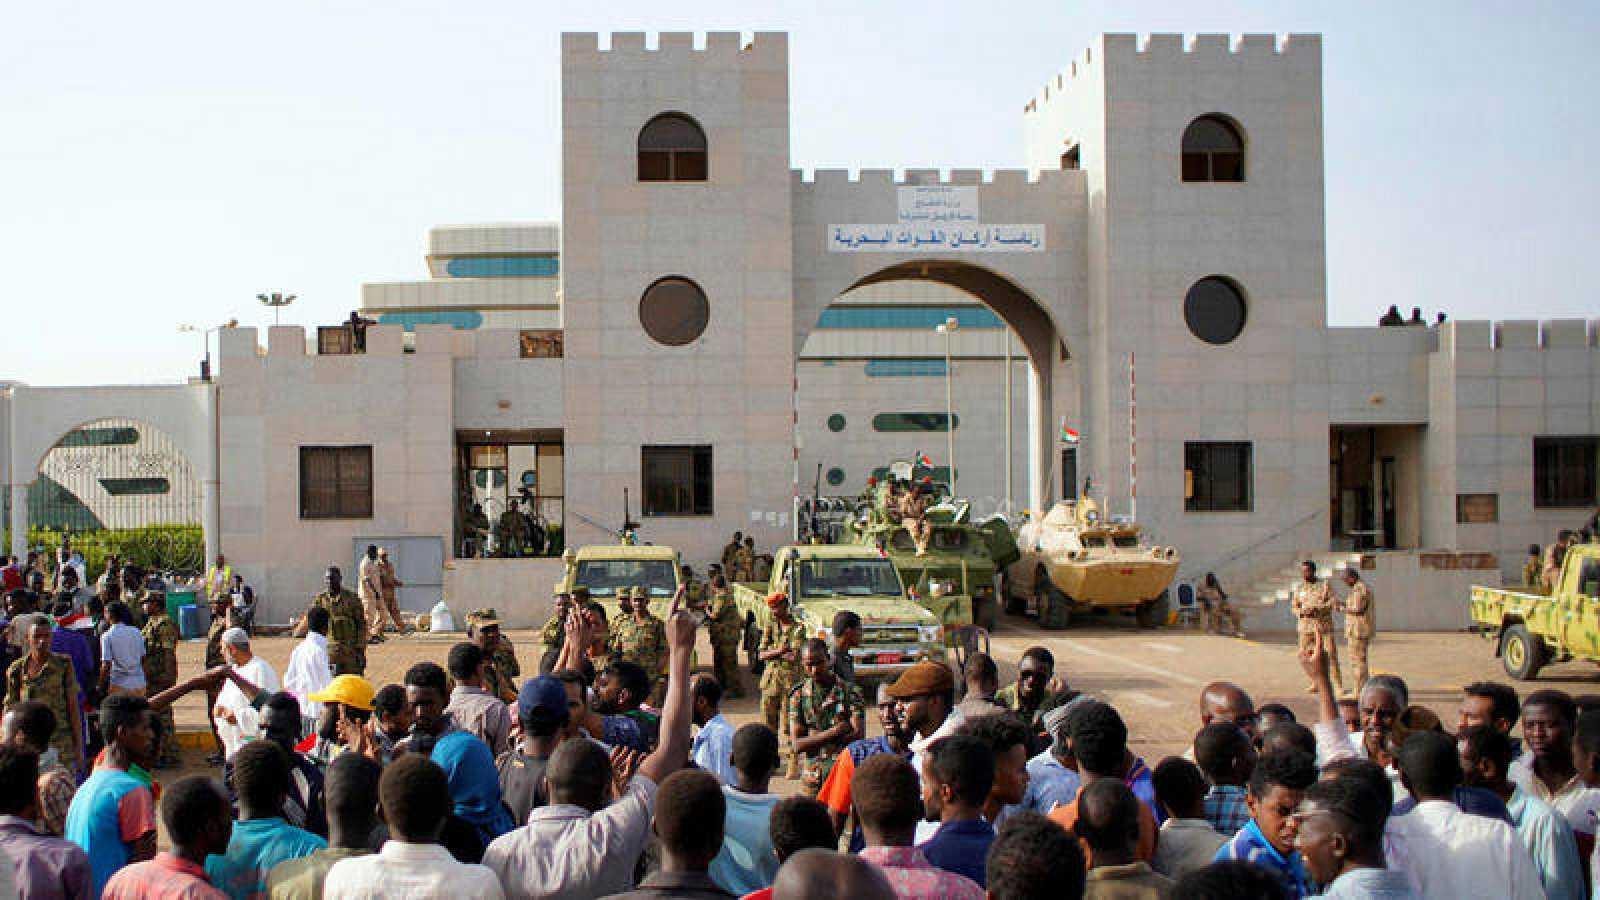 Los manifestantes sudaneses se reúnen para protestar contra el anuncio del ejército de que el presidente Omar al-Bashir sería reemplazado por un consejo de transición liderado por militares